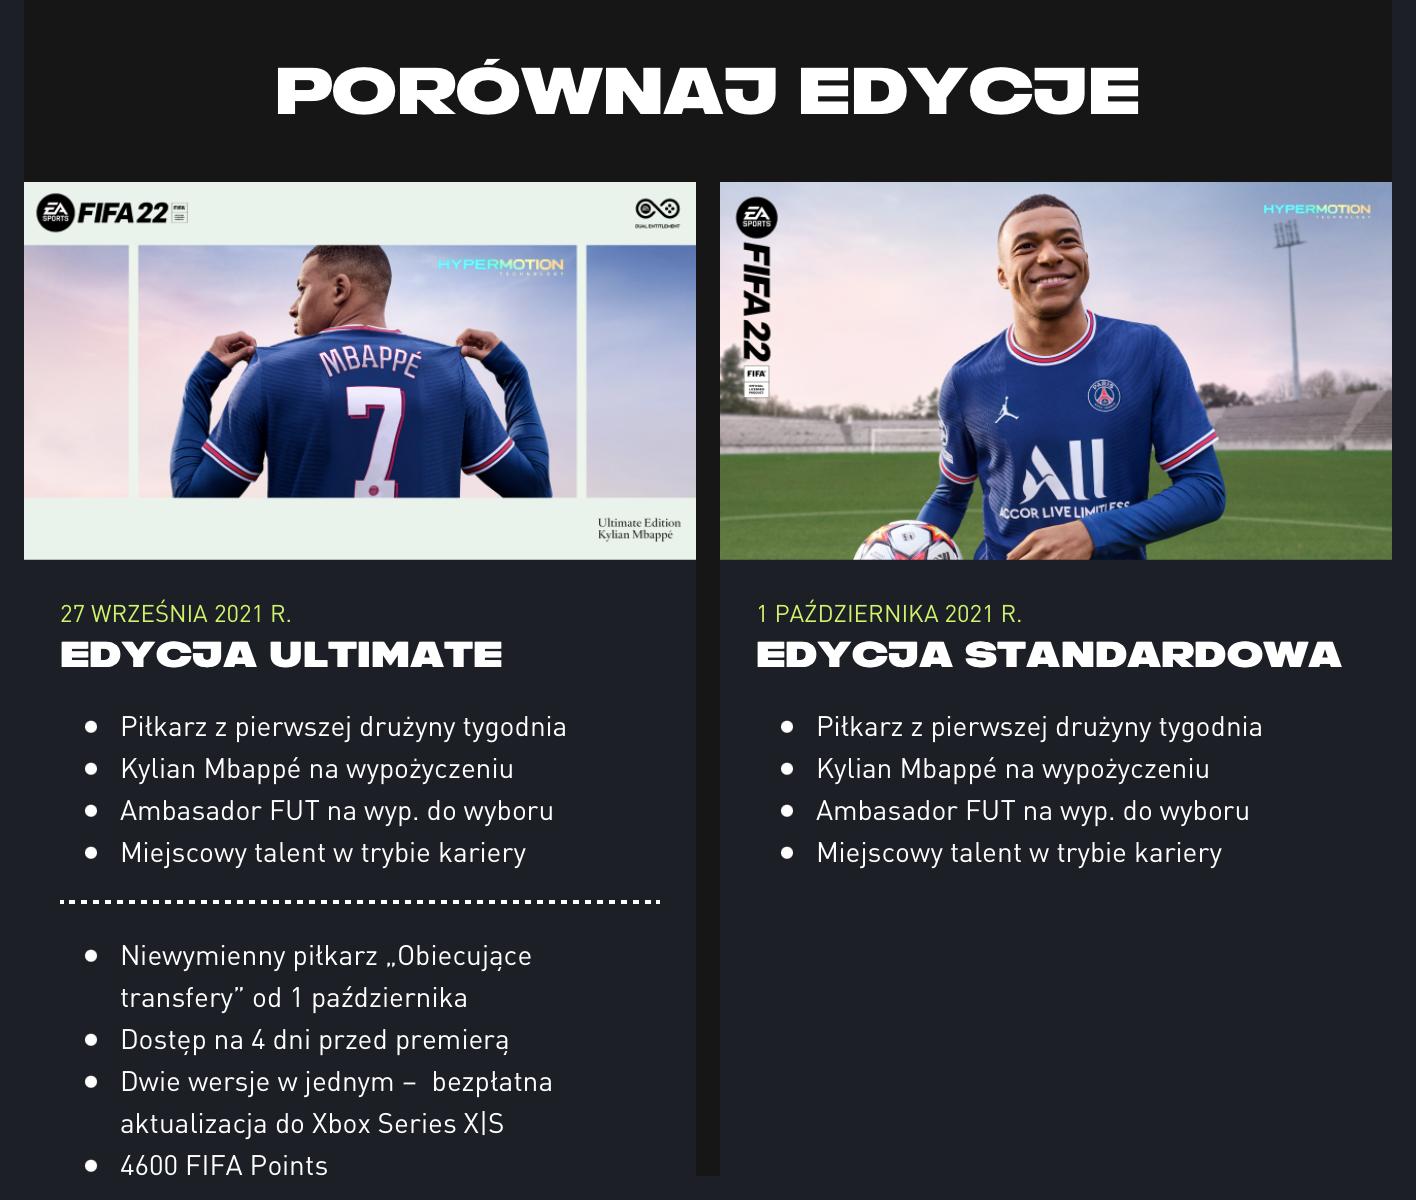 Porównanie edycji FIFA 22